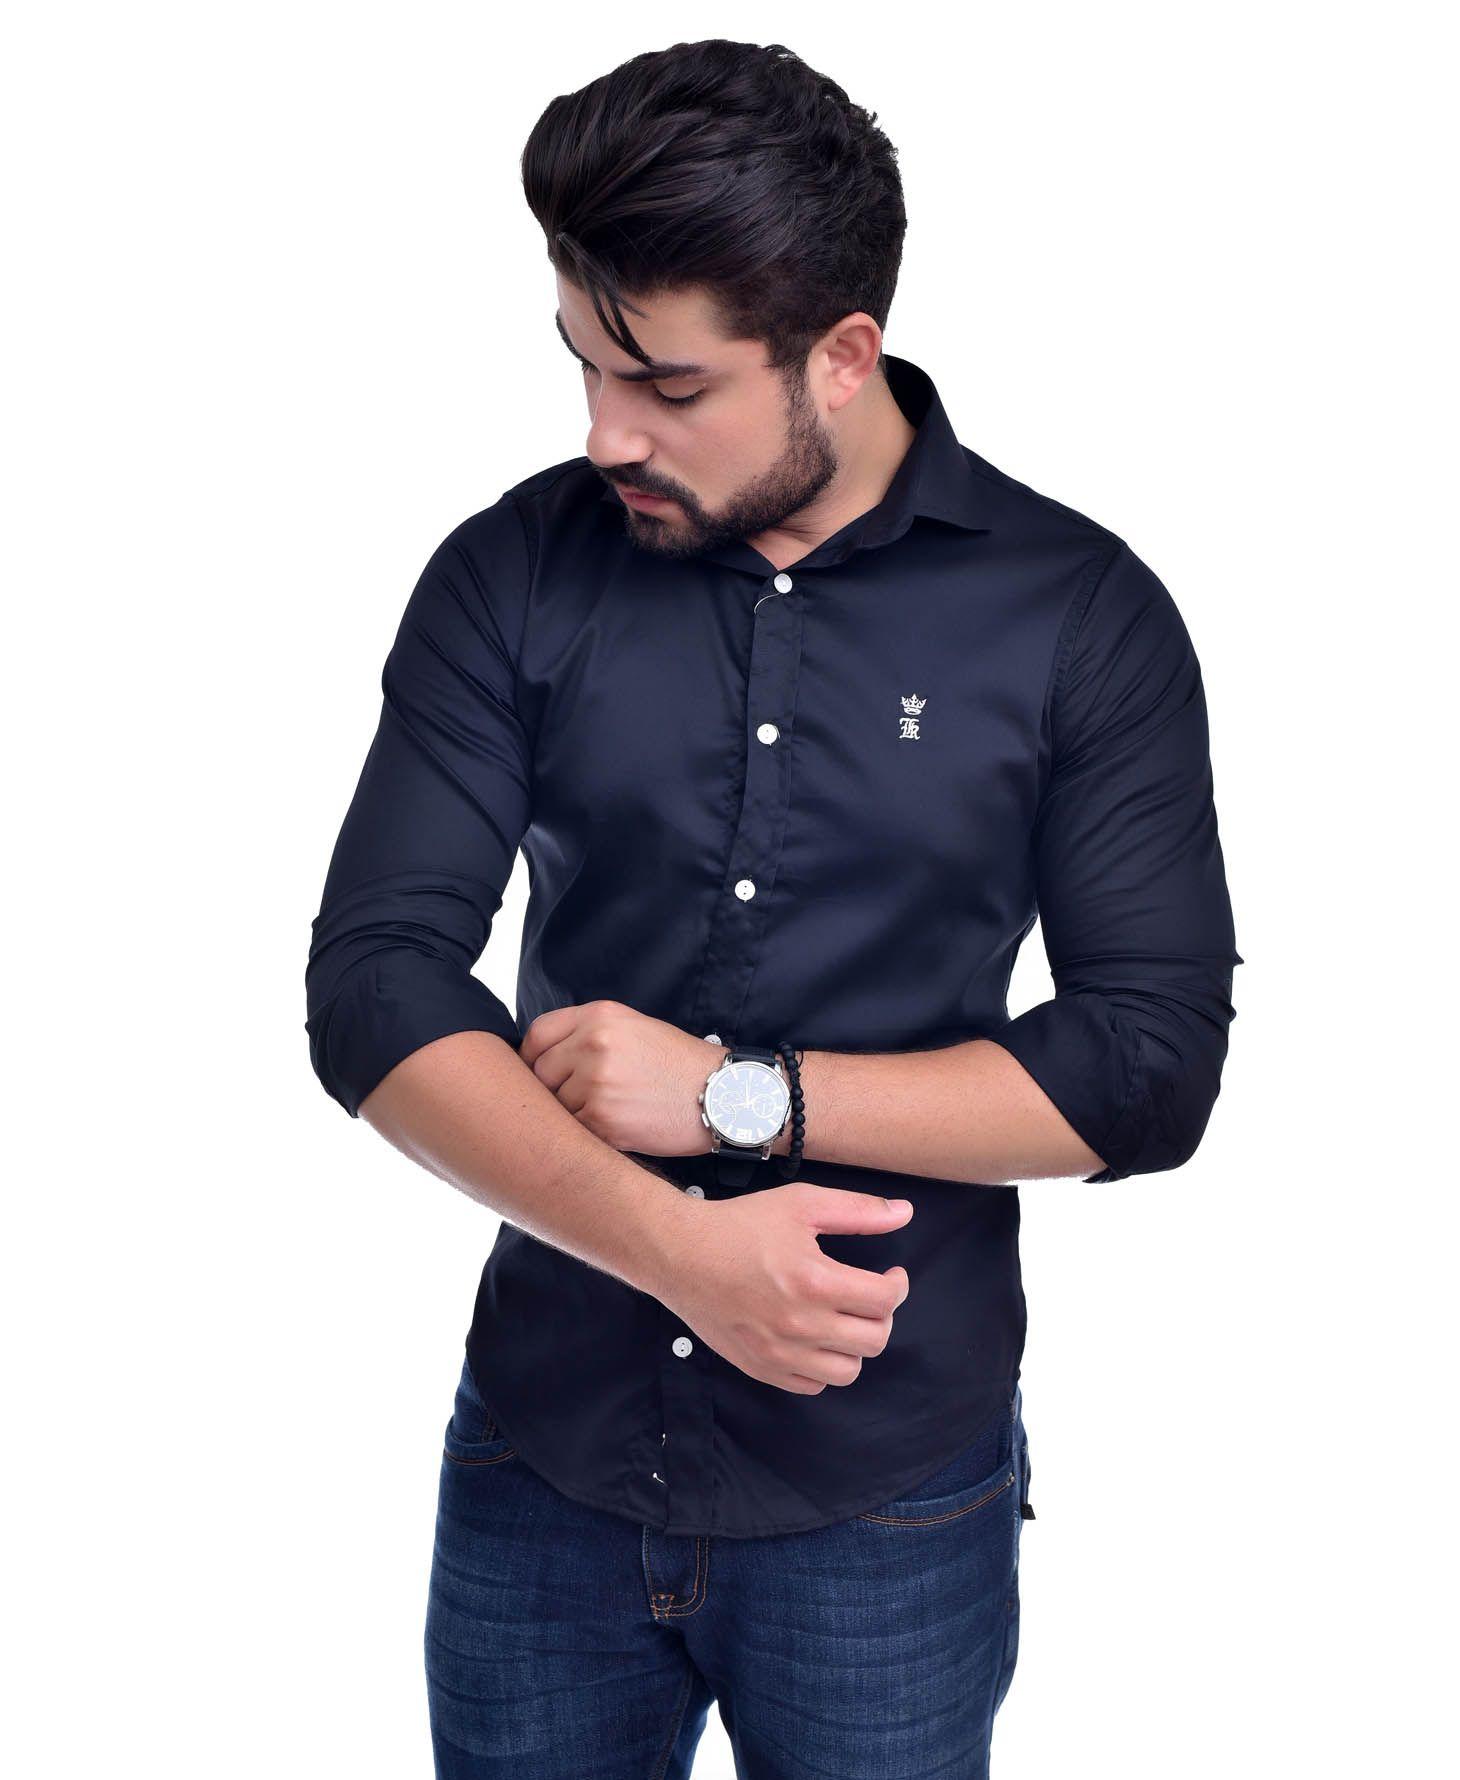 Camisa Social Sergio K Preta Acetinada